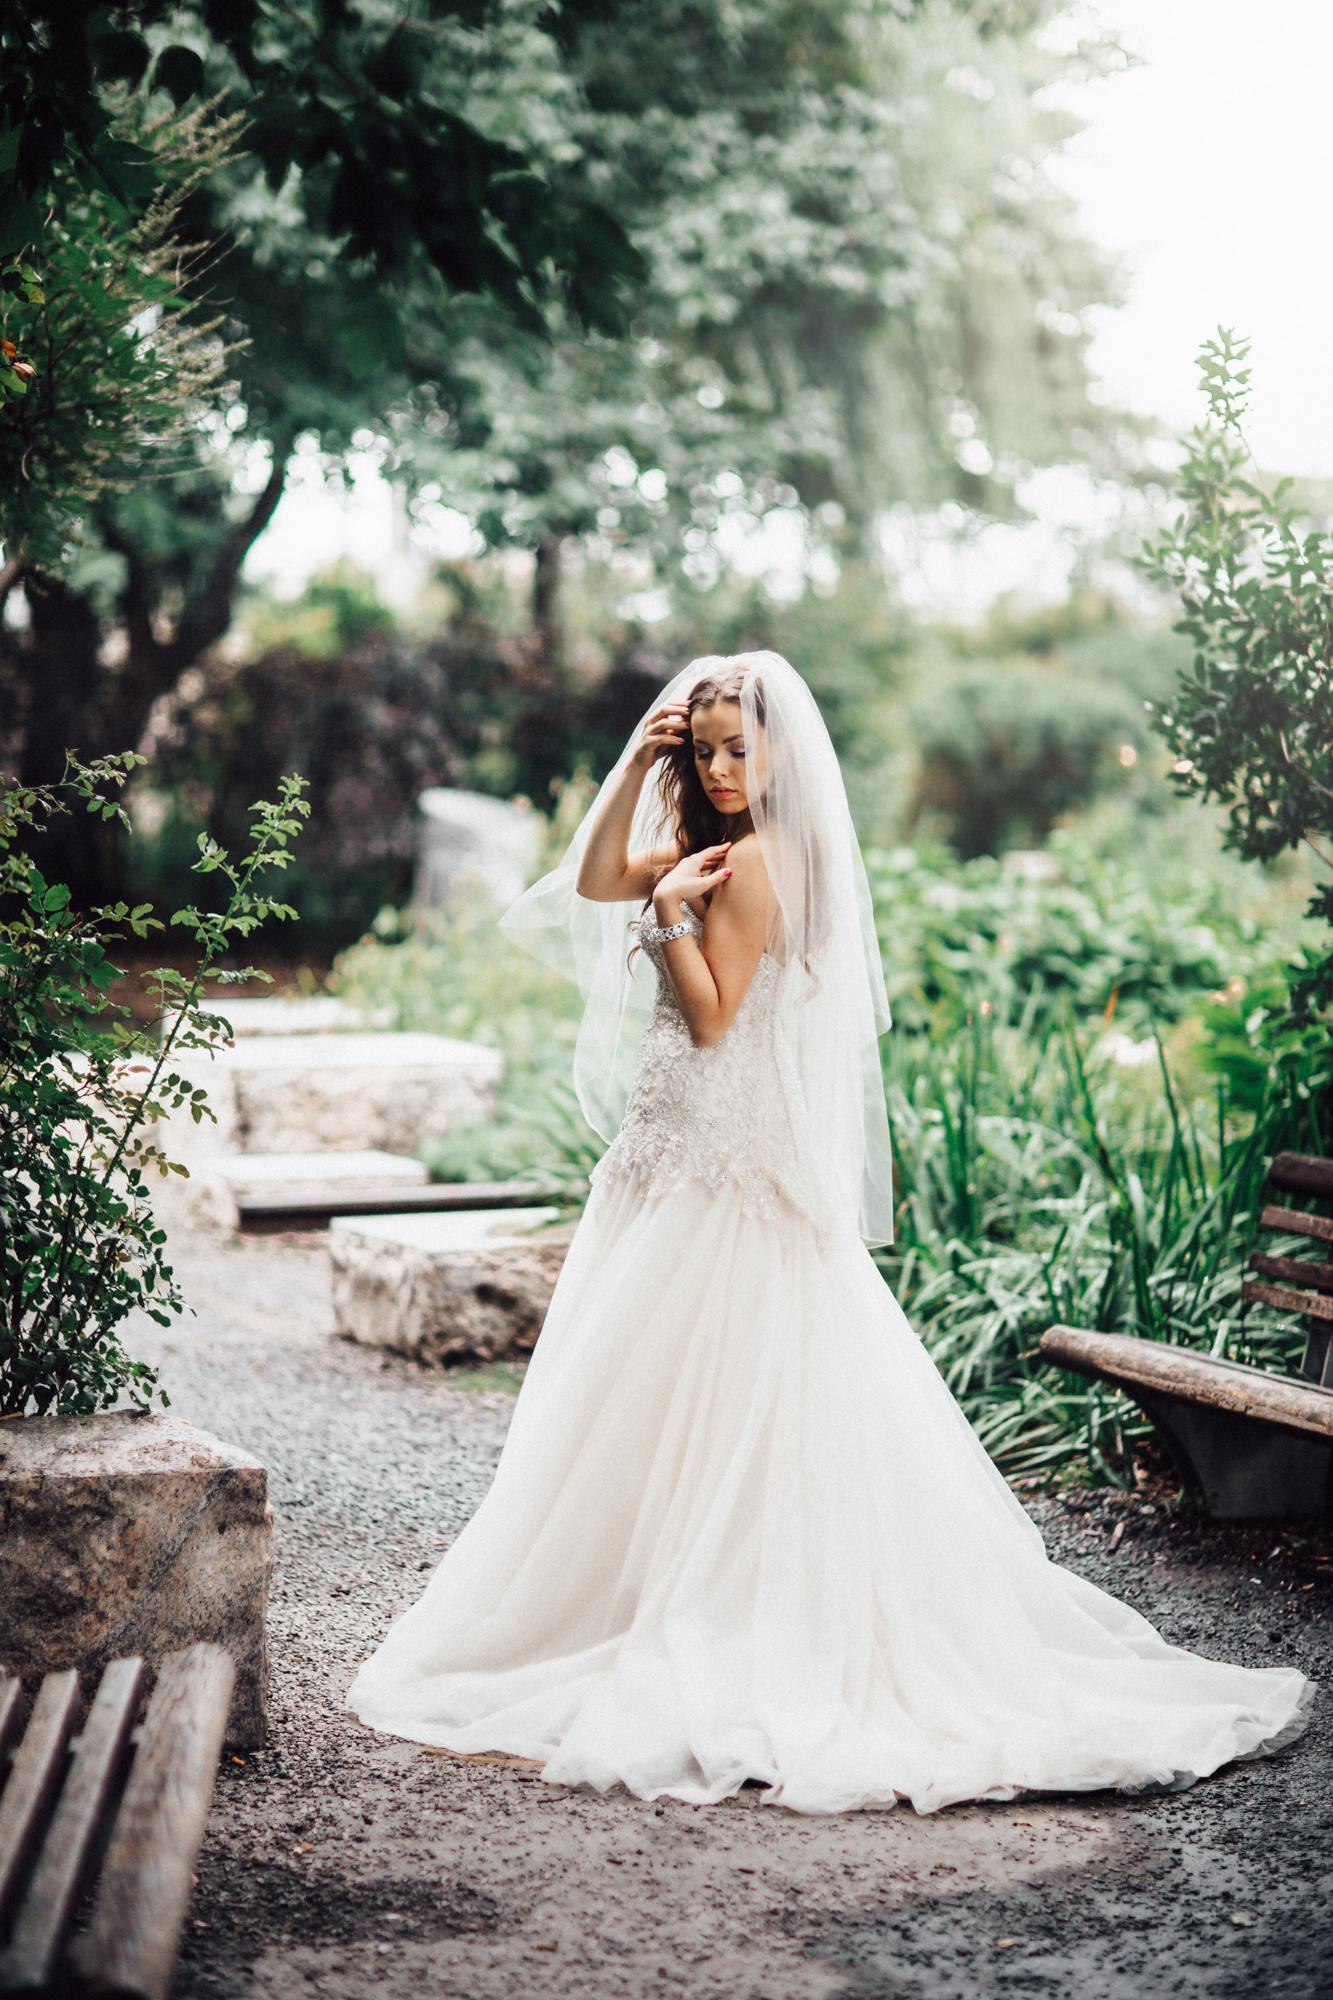 New York Wedding Photographer Boris Zaretsky Boris_Zaretsky_Photography__B2C7022-Edit copy.jpg